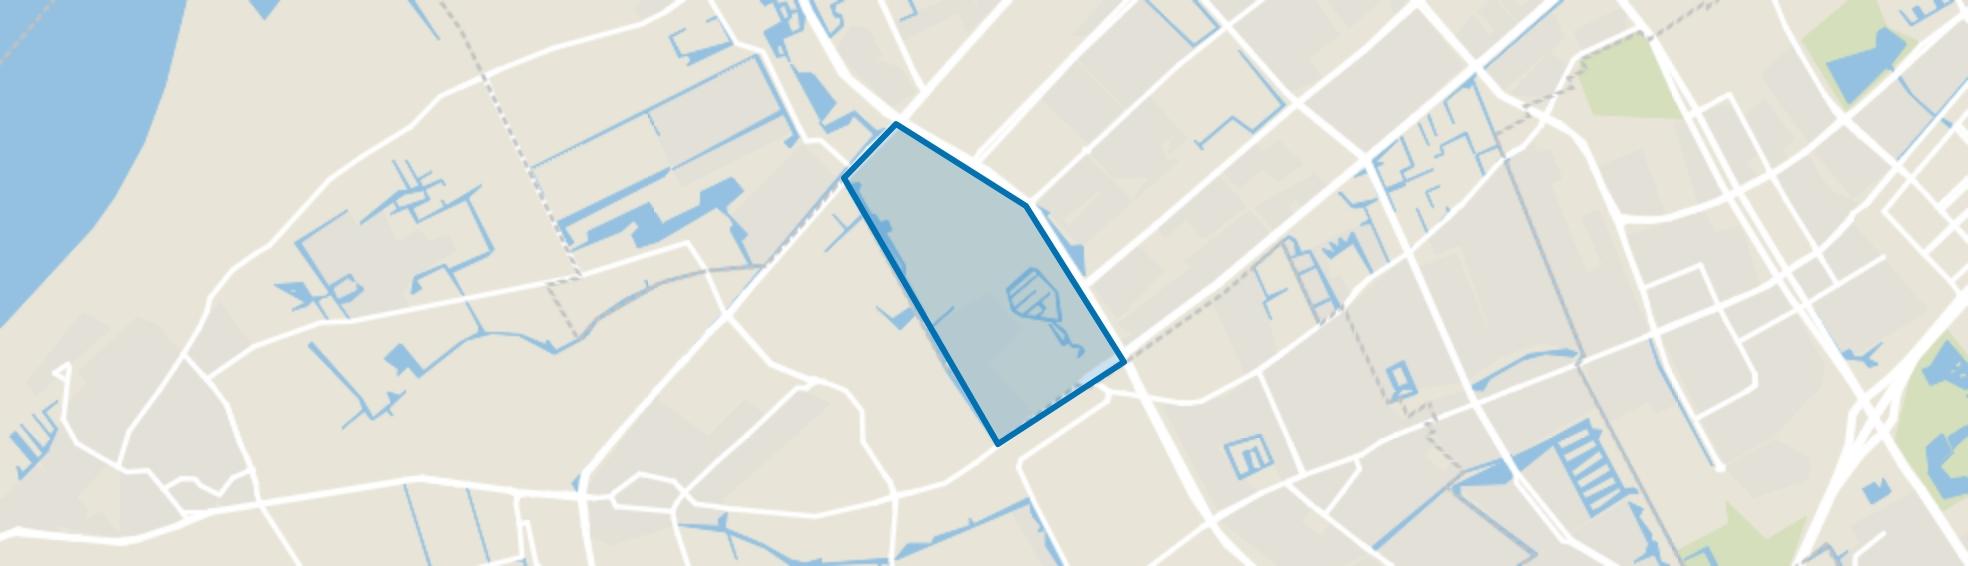 De Uithof, Den Haag map